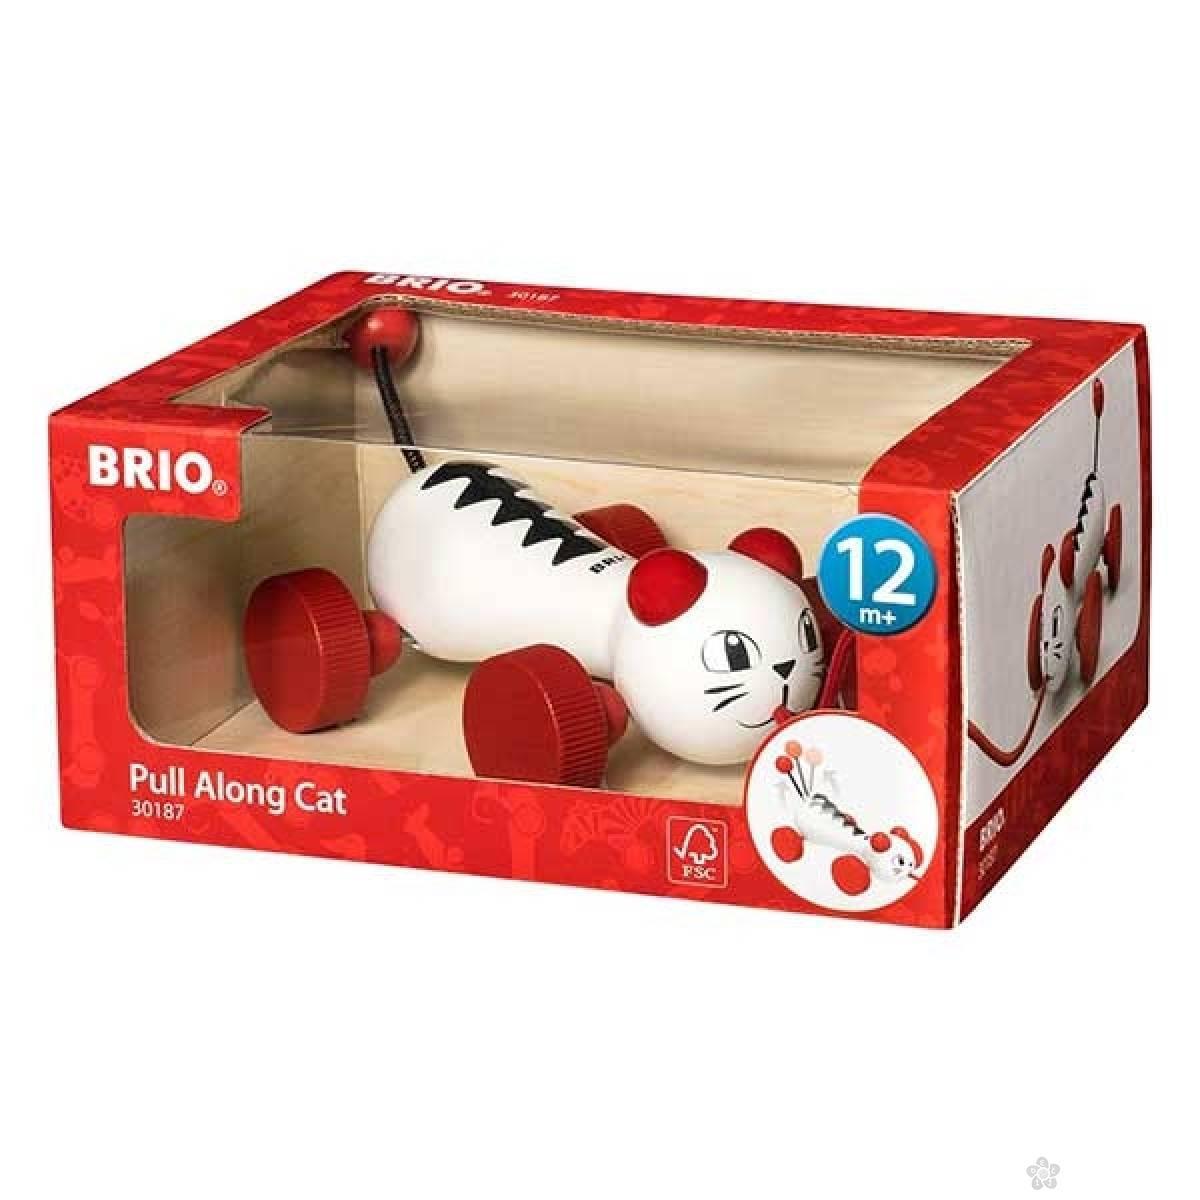 Mačka na potez Brio BR30187